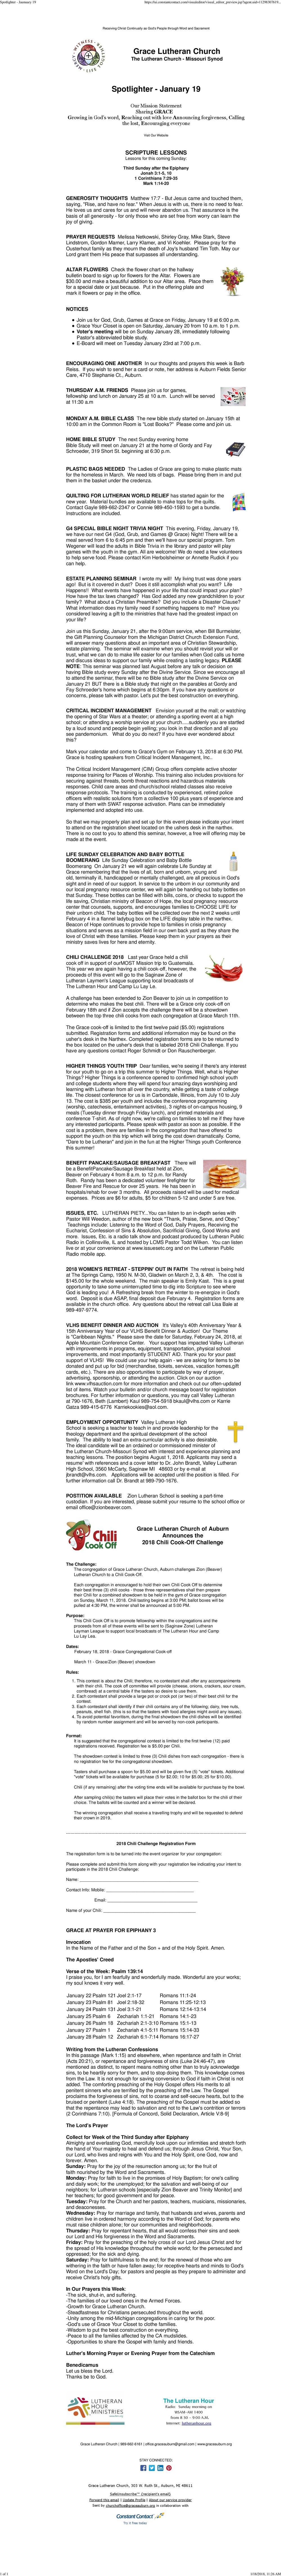 Spotlighter - Jaunuary 19-page-001.jpg